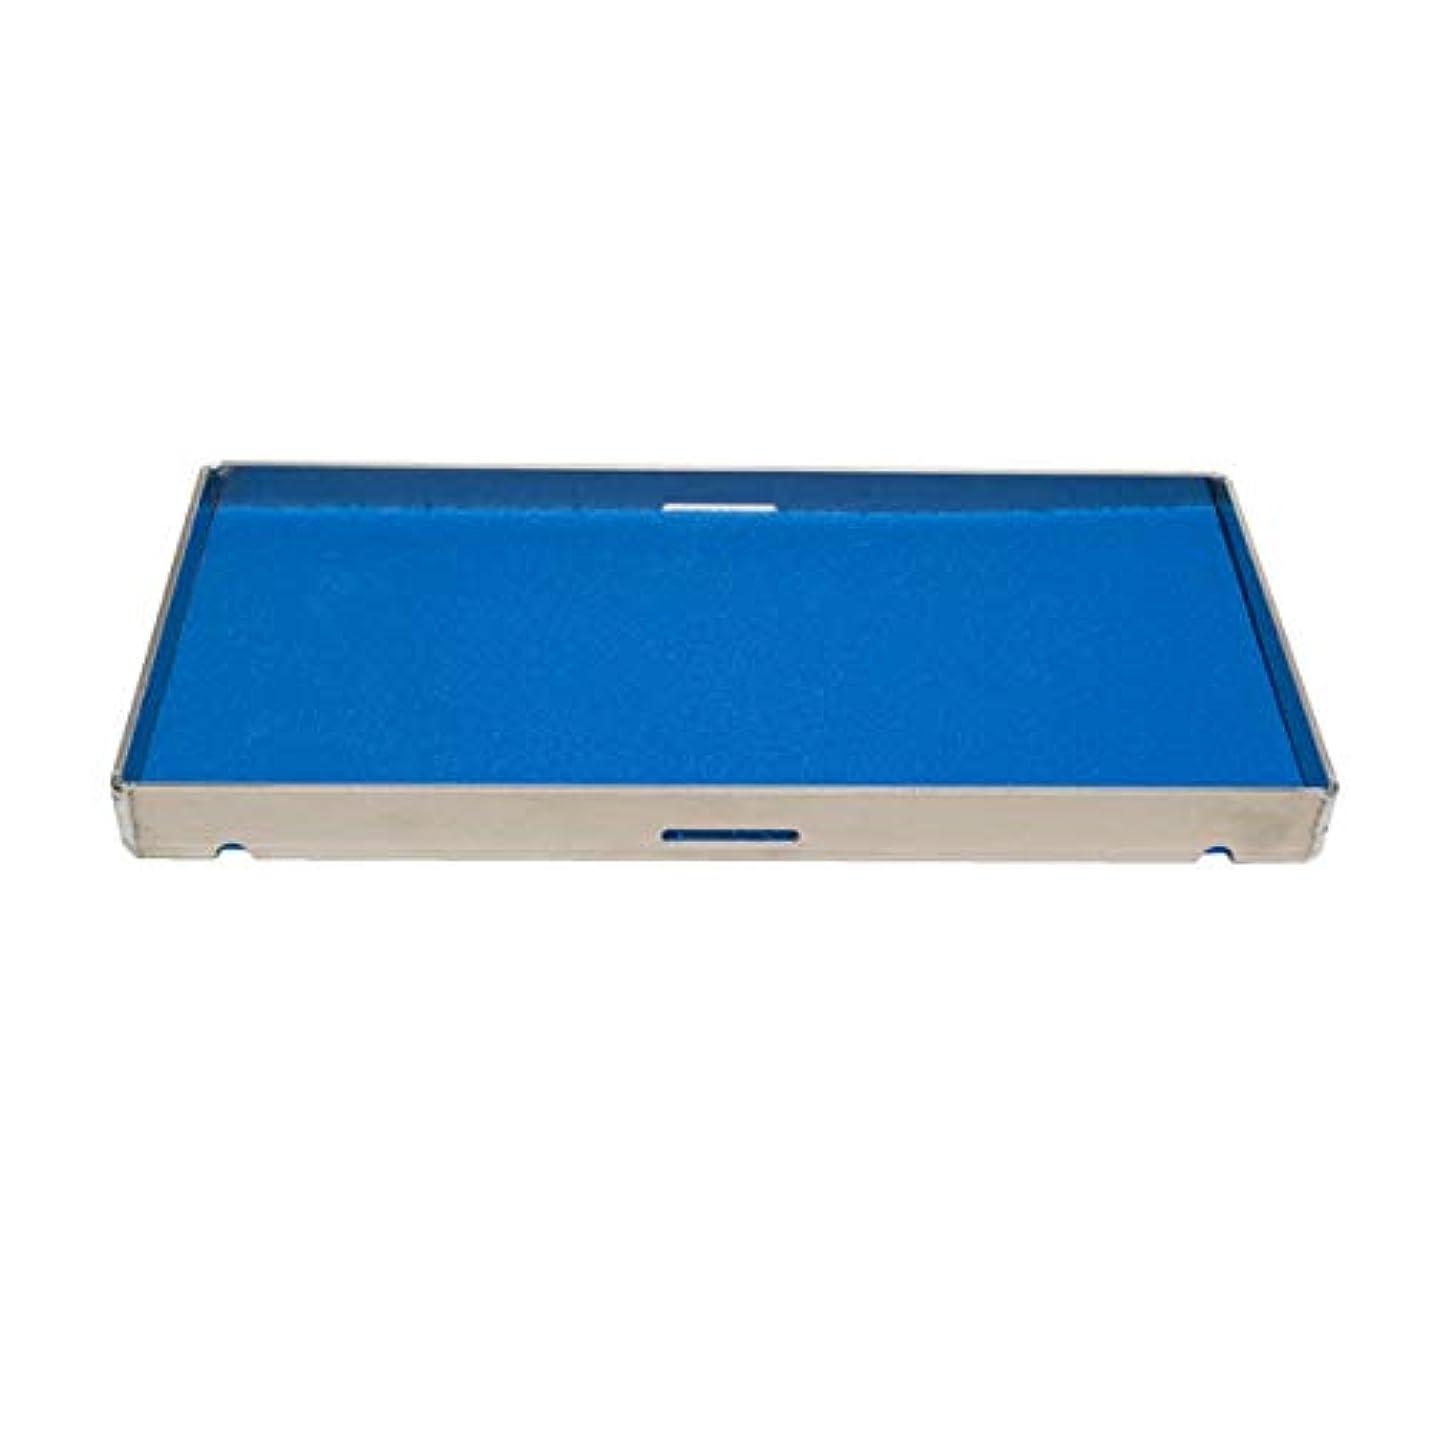 高価な適切な折るリチビー(Lithi-B)バッテリー専用中型トレイ(アルミ製)